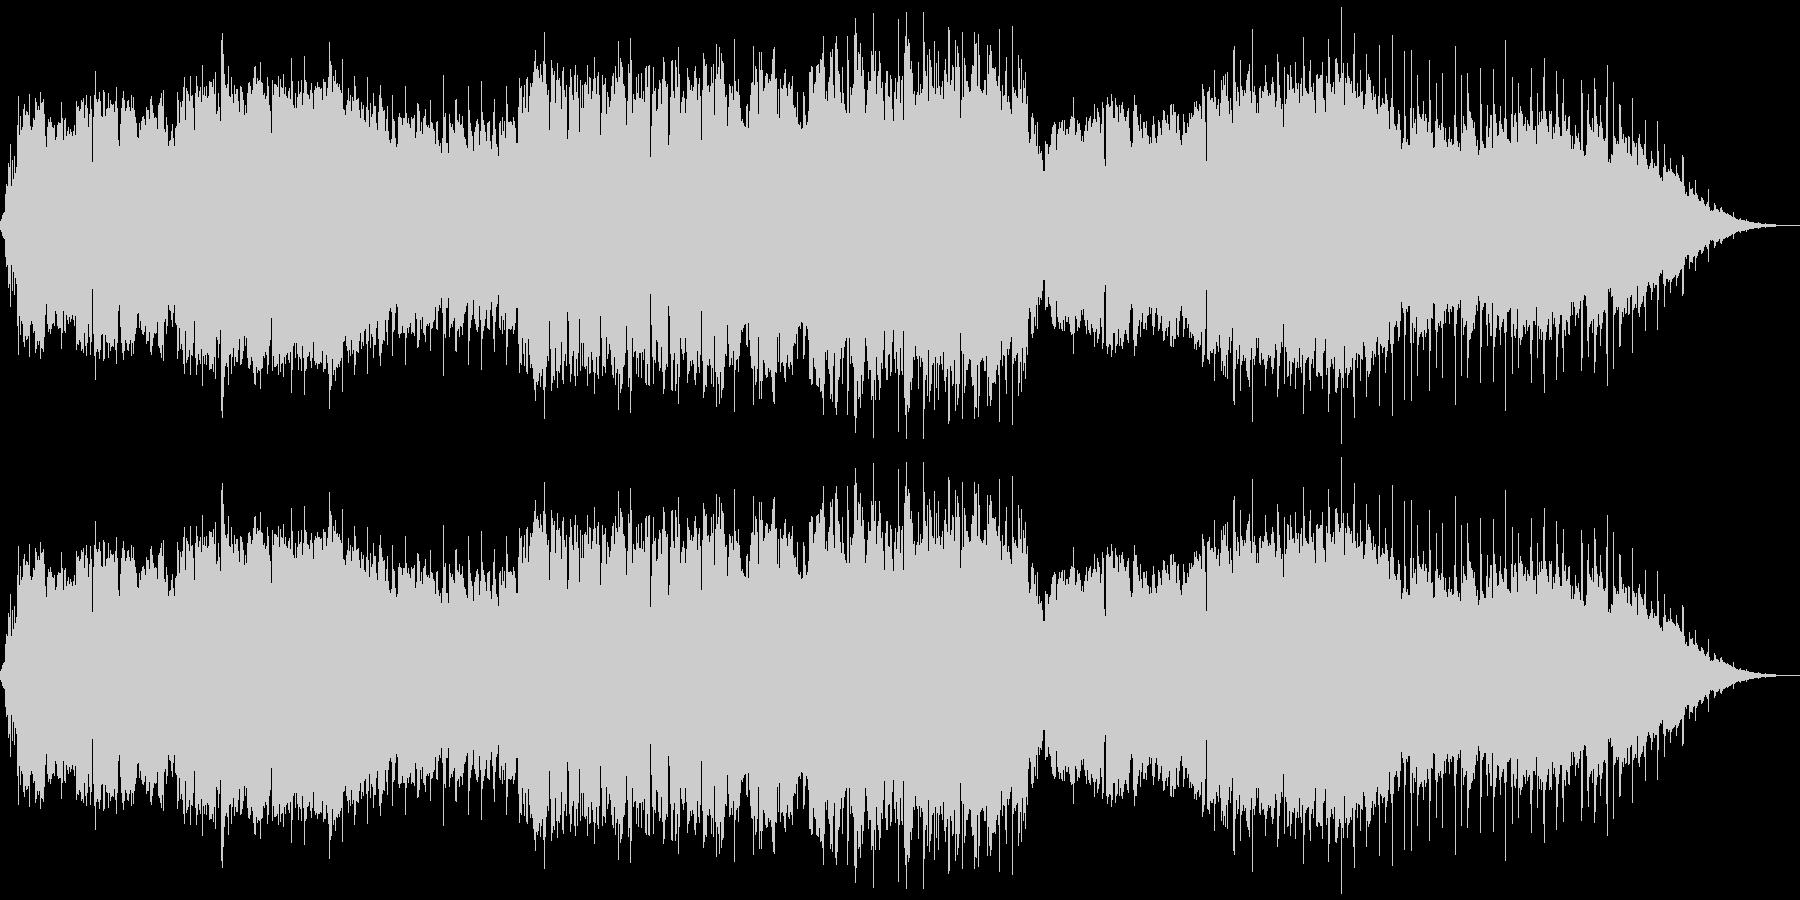 哀愁のある素朴な小曲(CM、映像)の未再生の波形